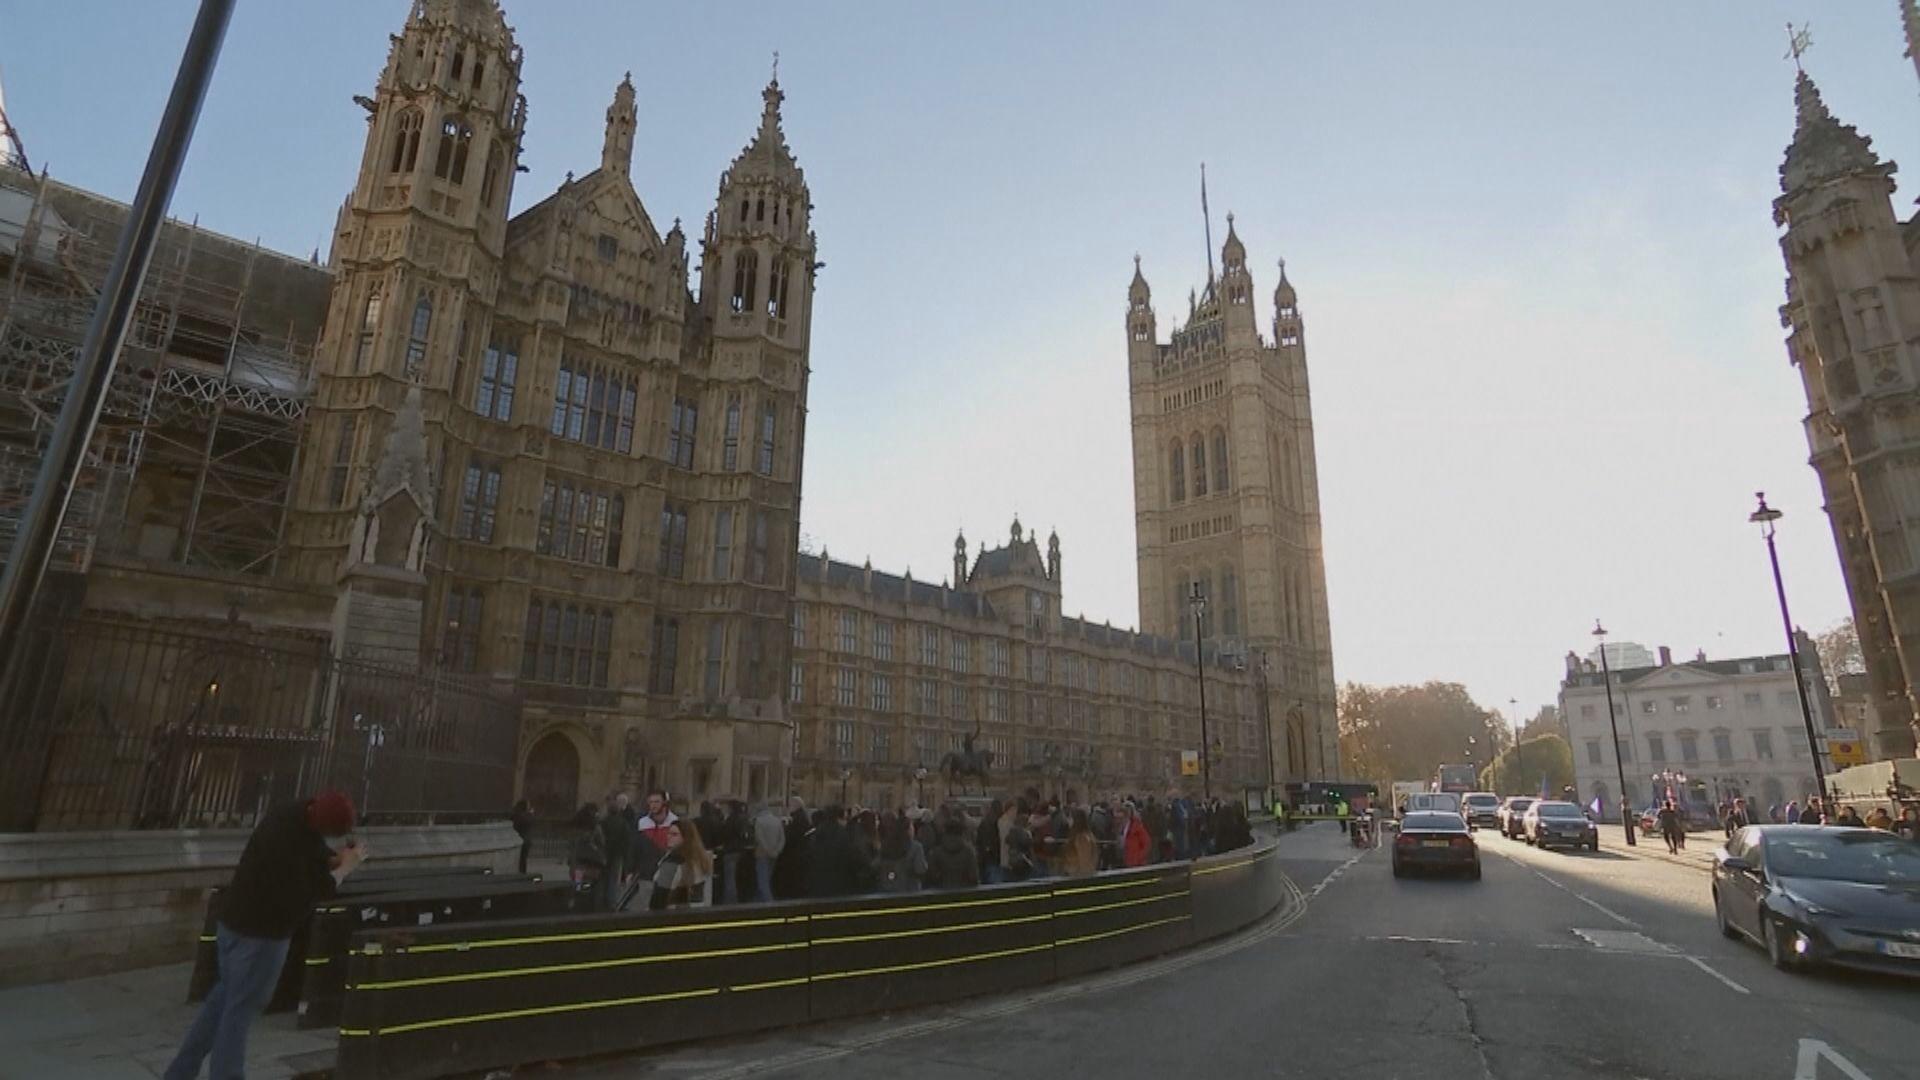 上議院料周五表決通過阻止無協議脫歐法案